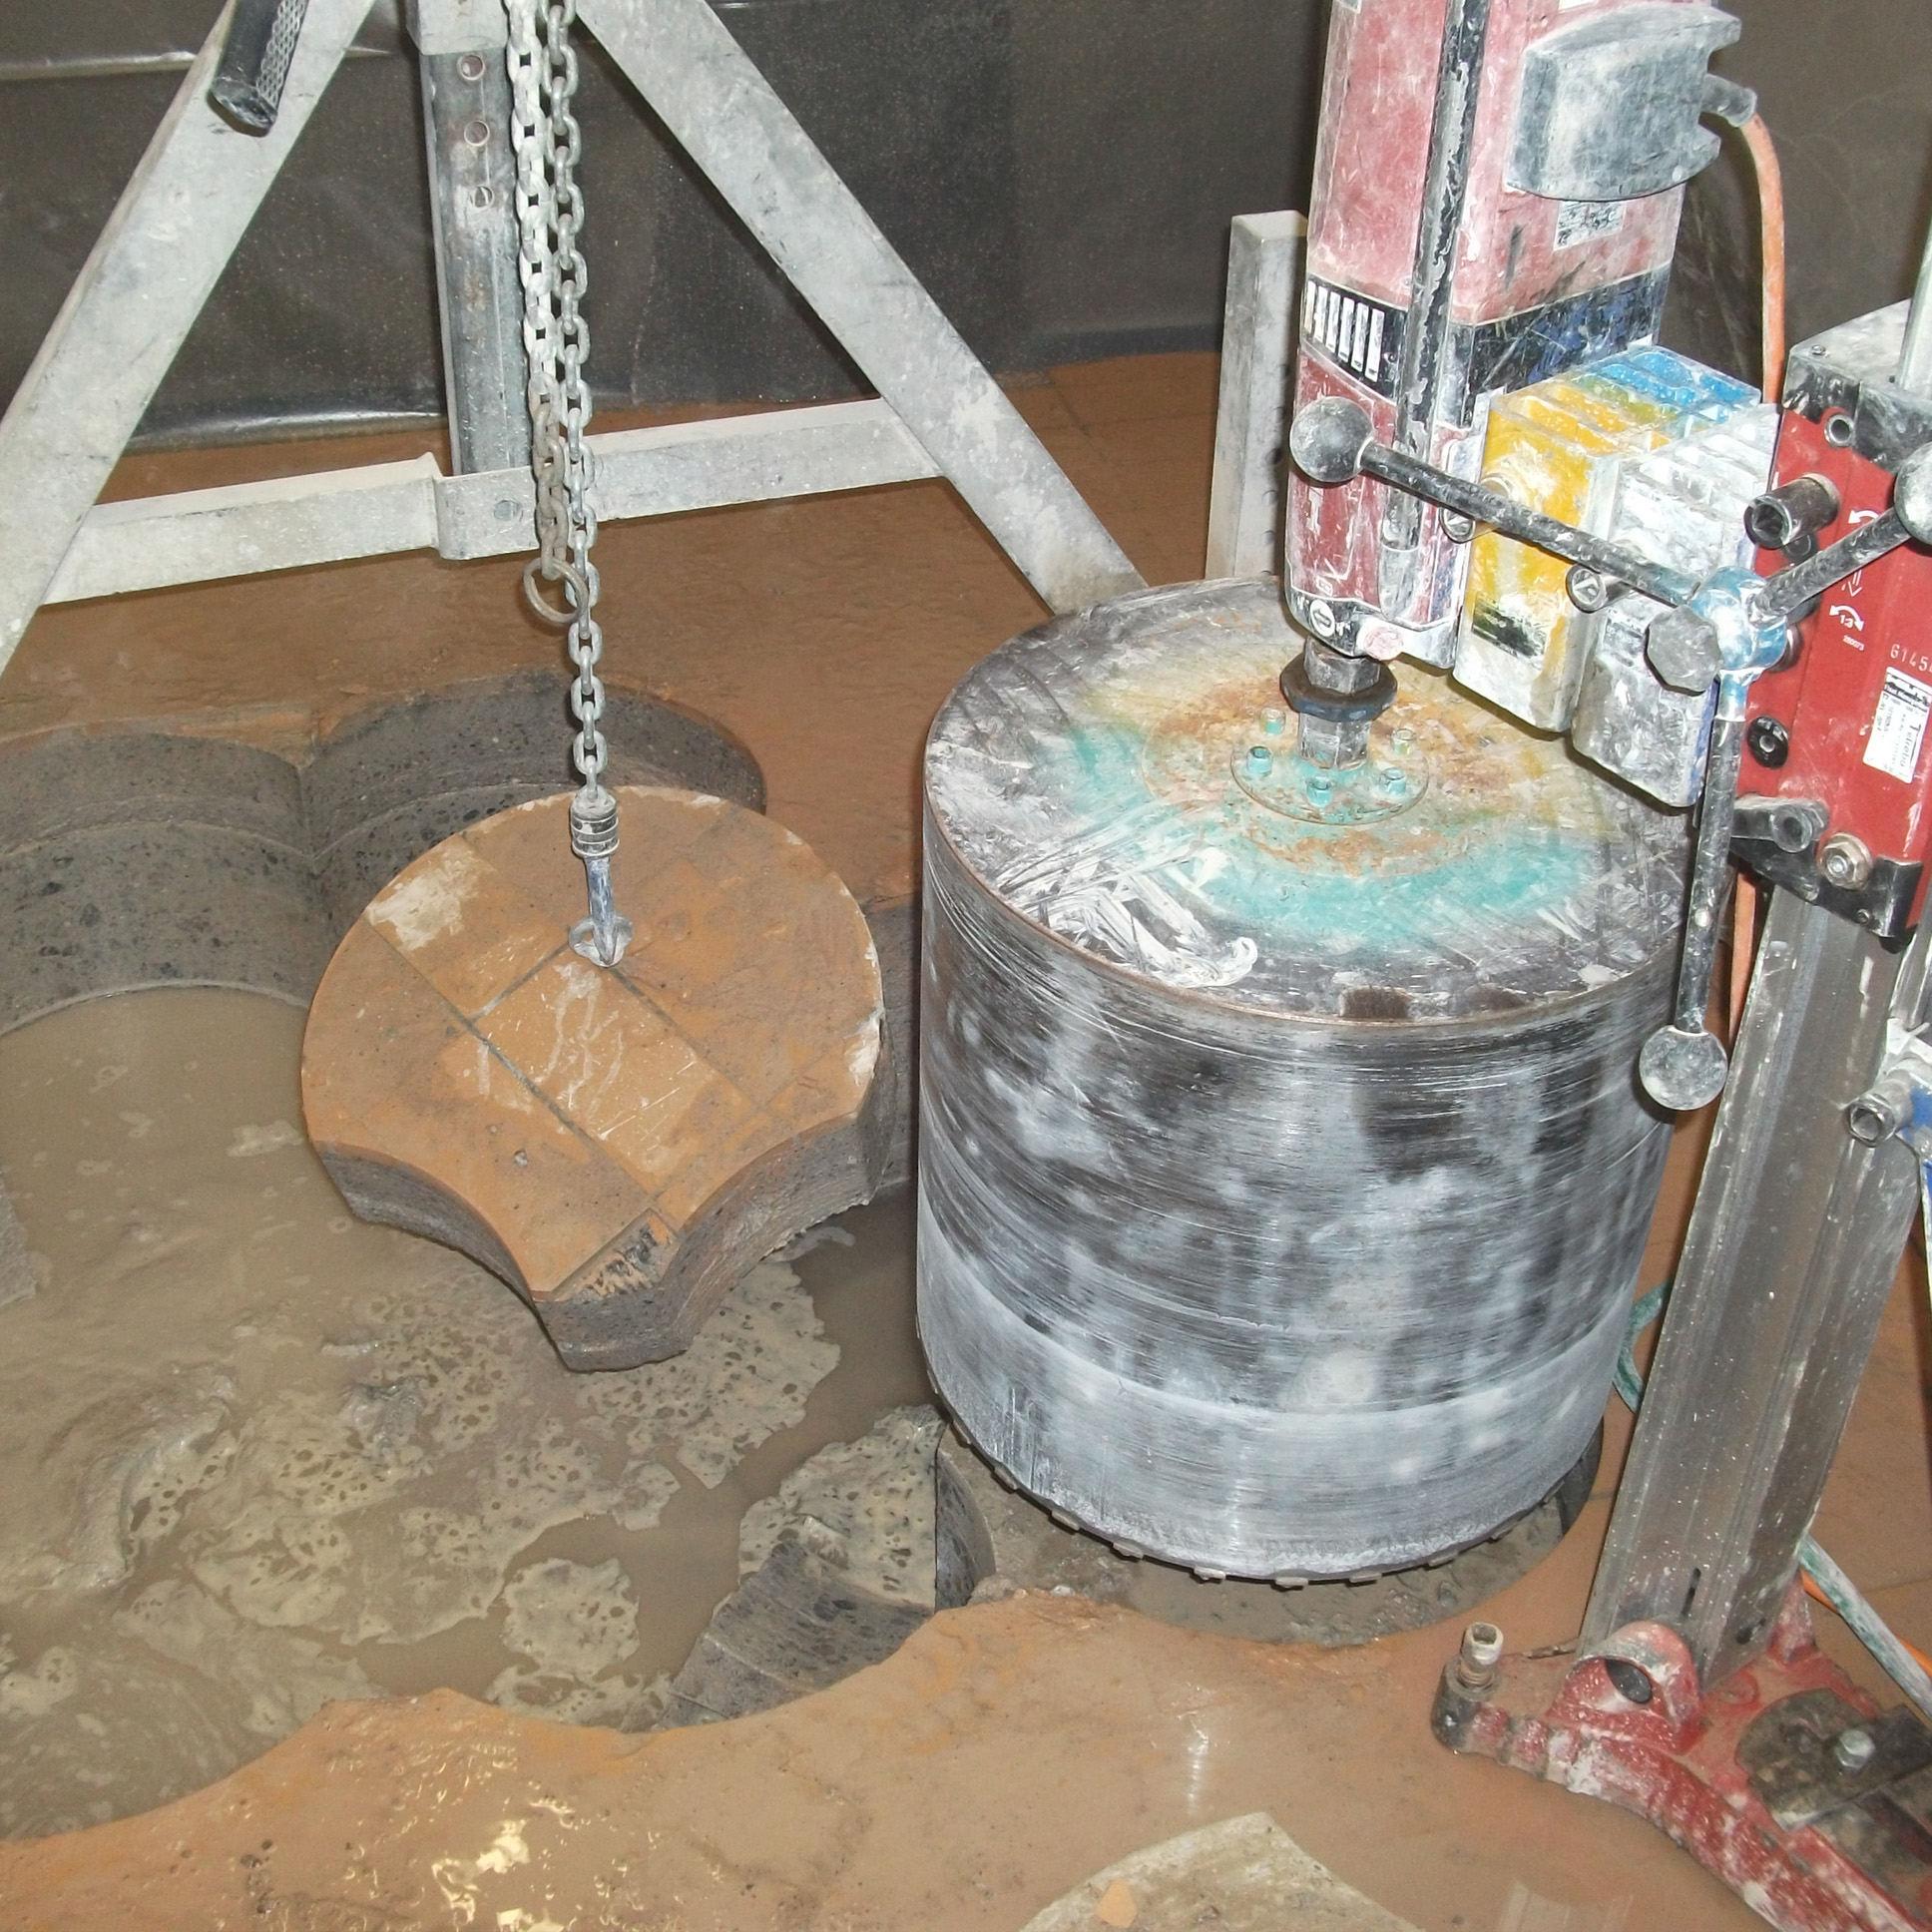 Molkerei in Upahl - Herstellen von Kanälen im Fussboden